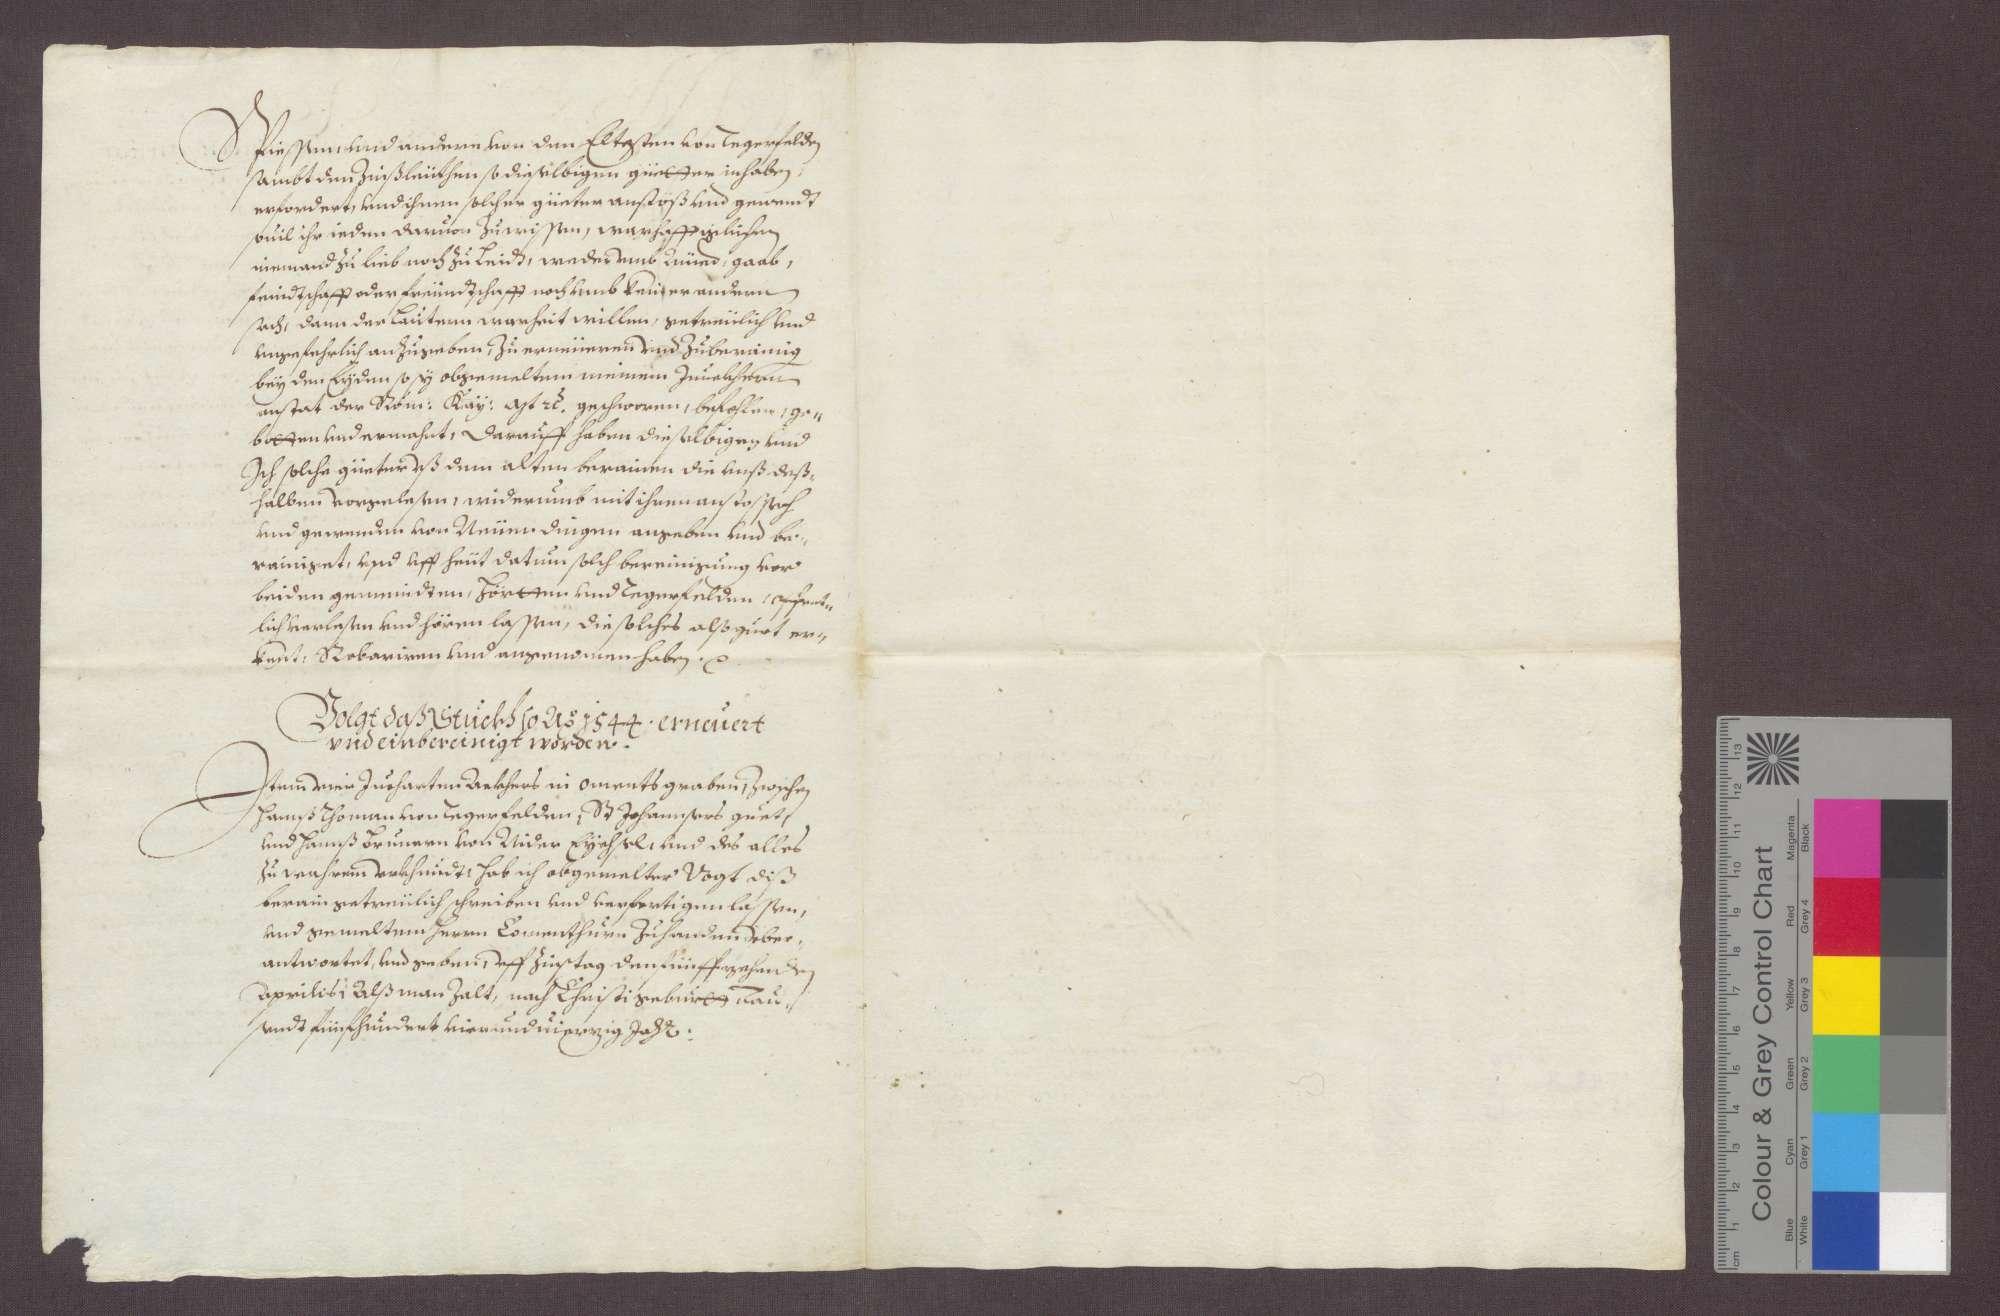 Auszug aus dem erneuerten Berein über die dem Johanniter-Haus zu Rheinfelden gehörigen Gefälle zu Degerfelden und Herten., Bild 2